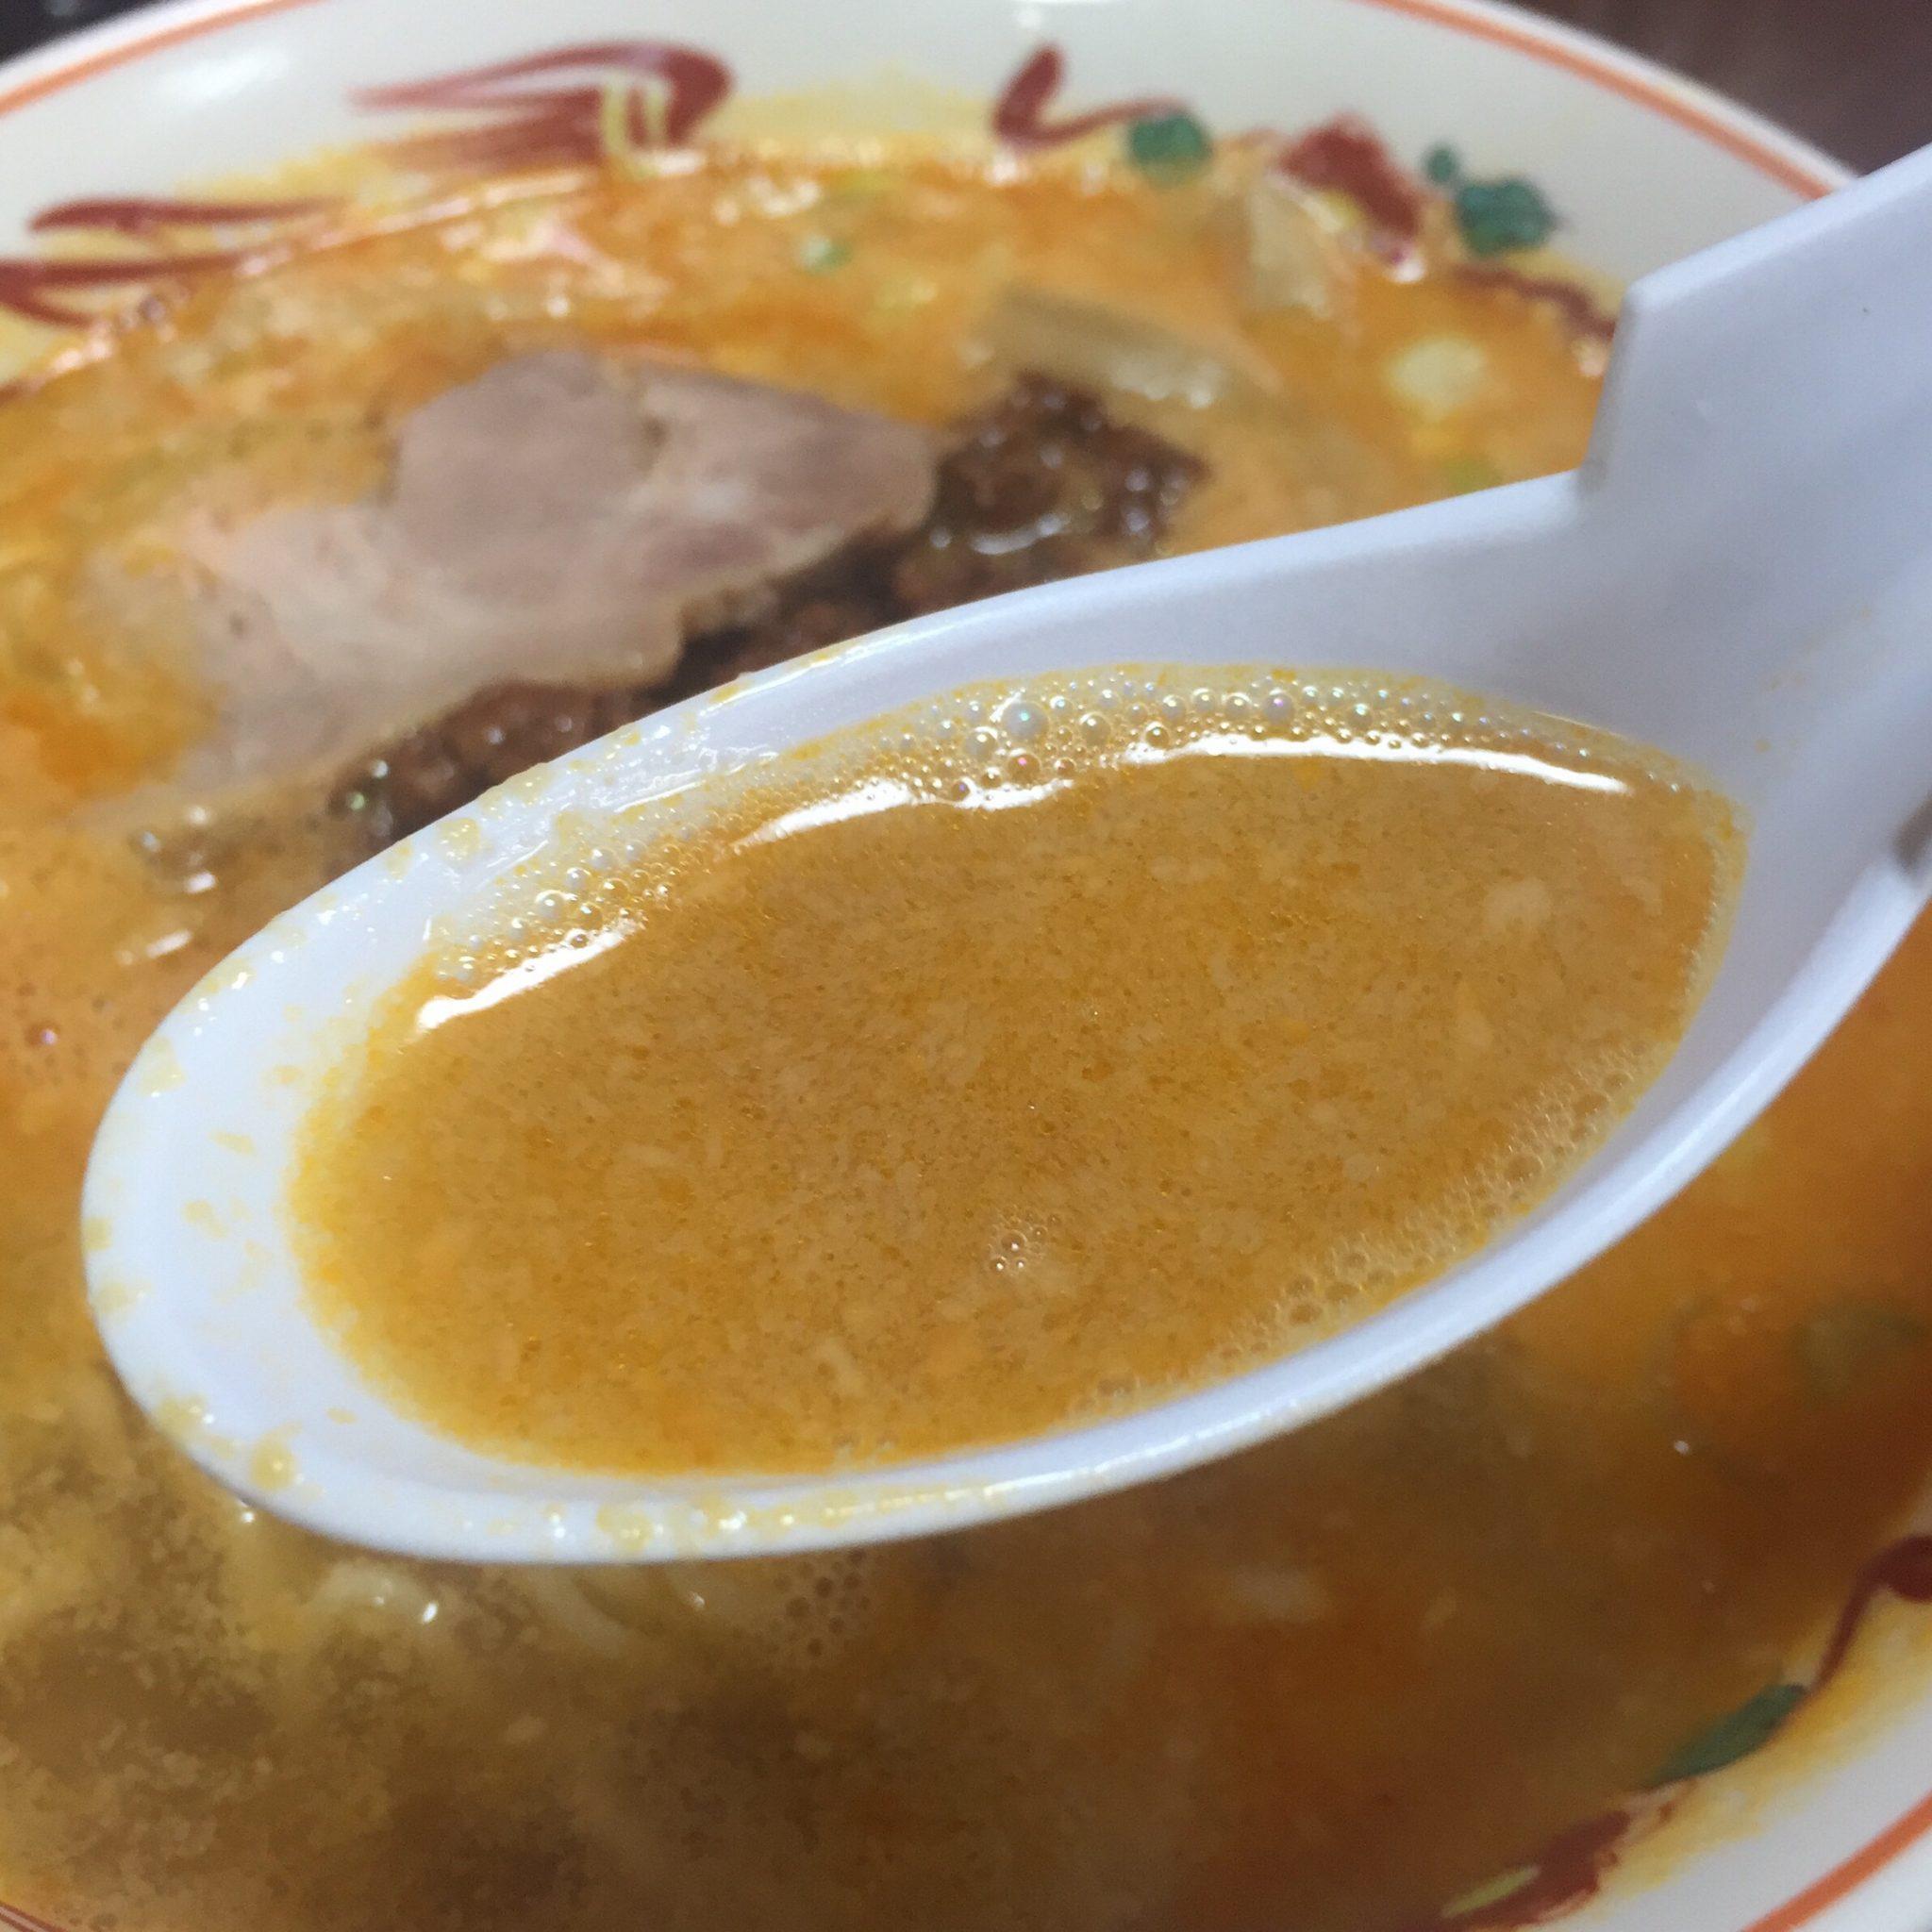 担々麺の店 福の家北店 担々麺 スープ